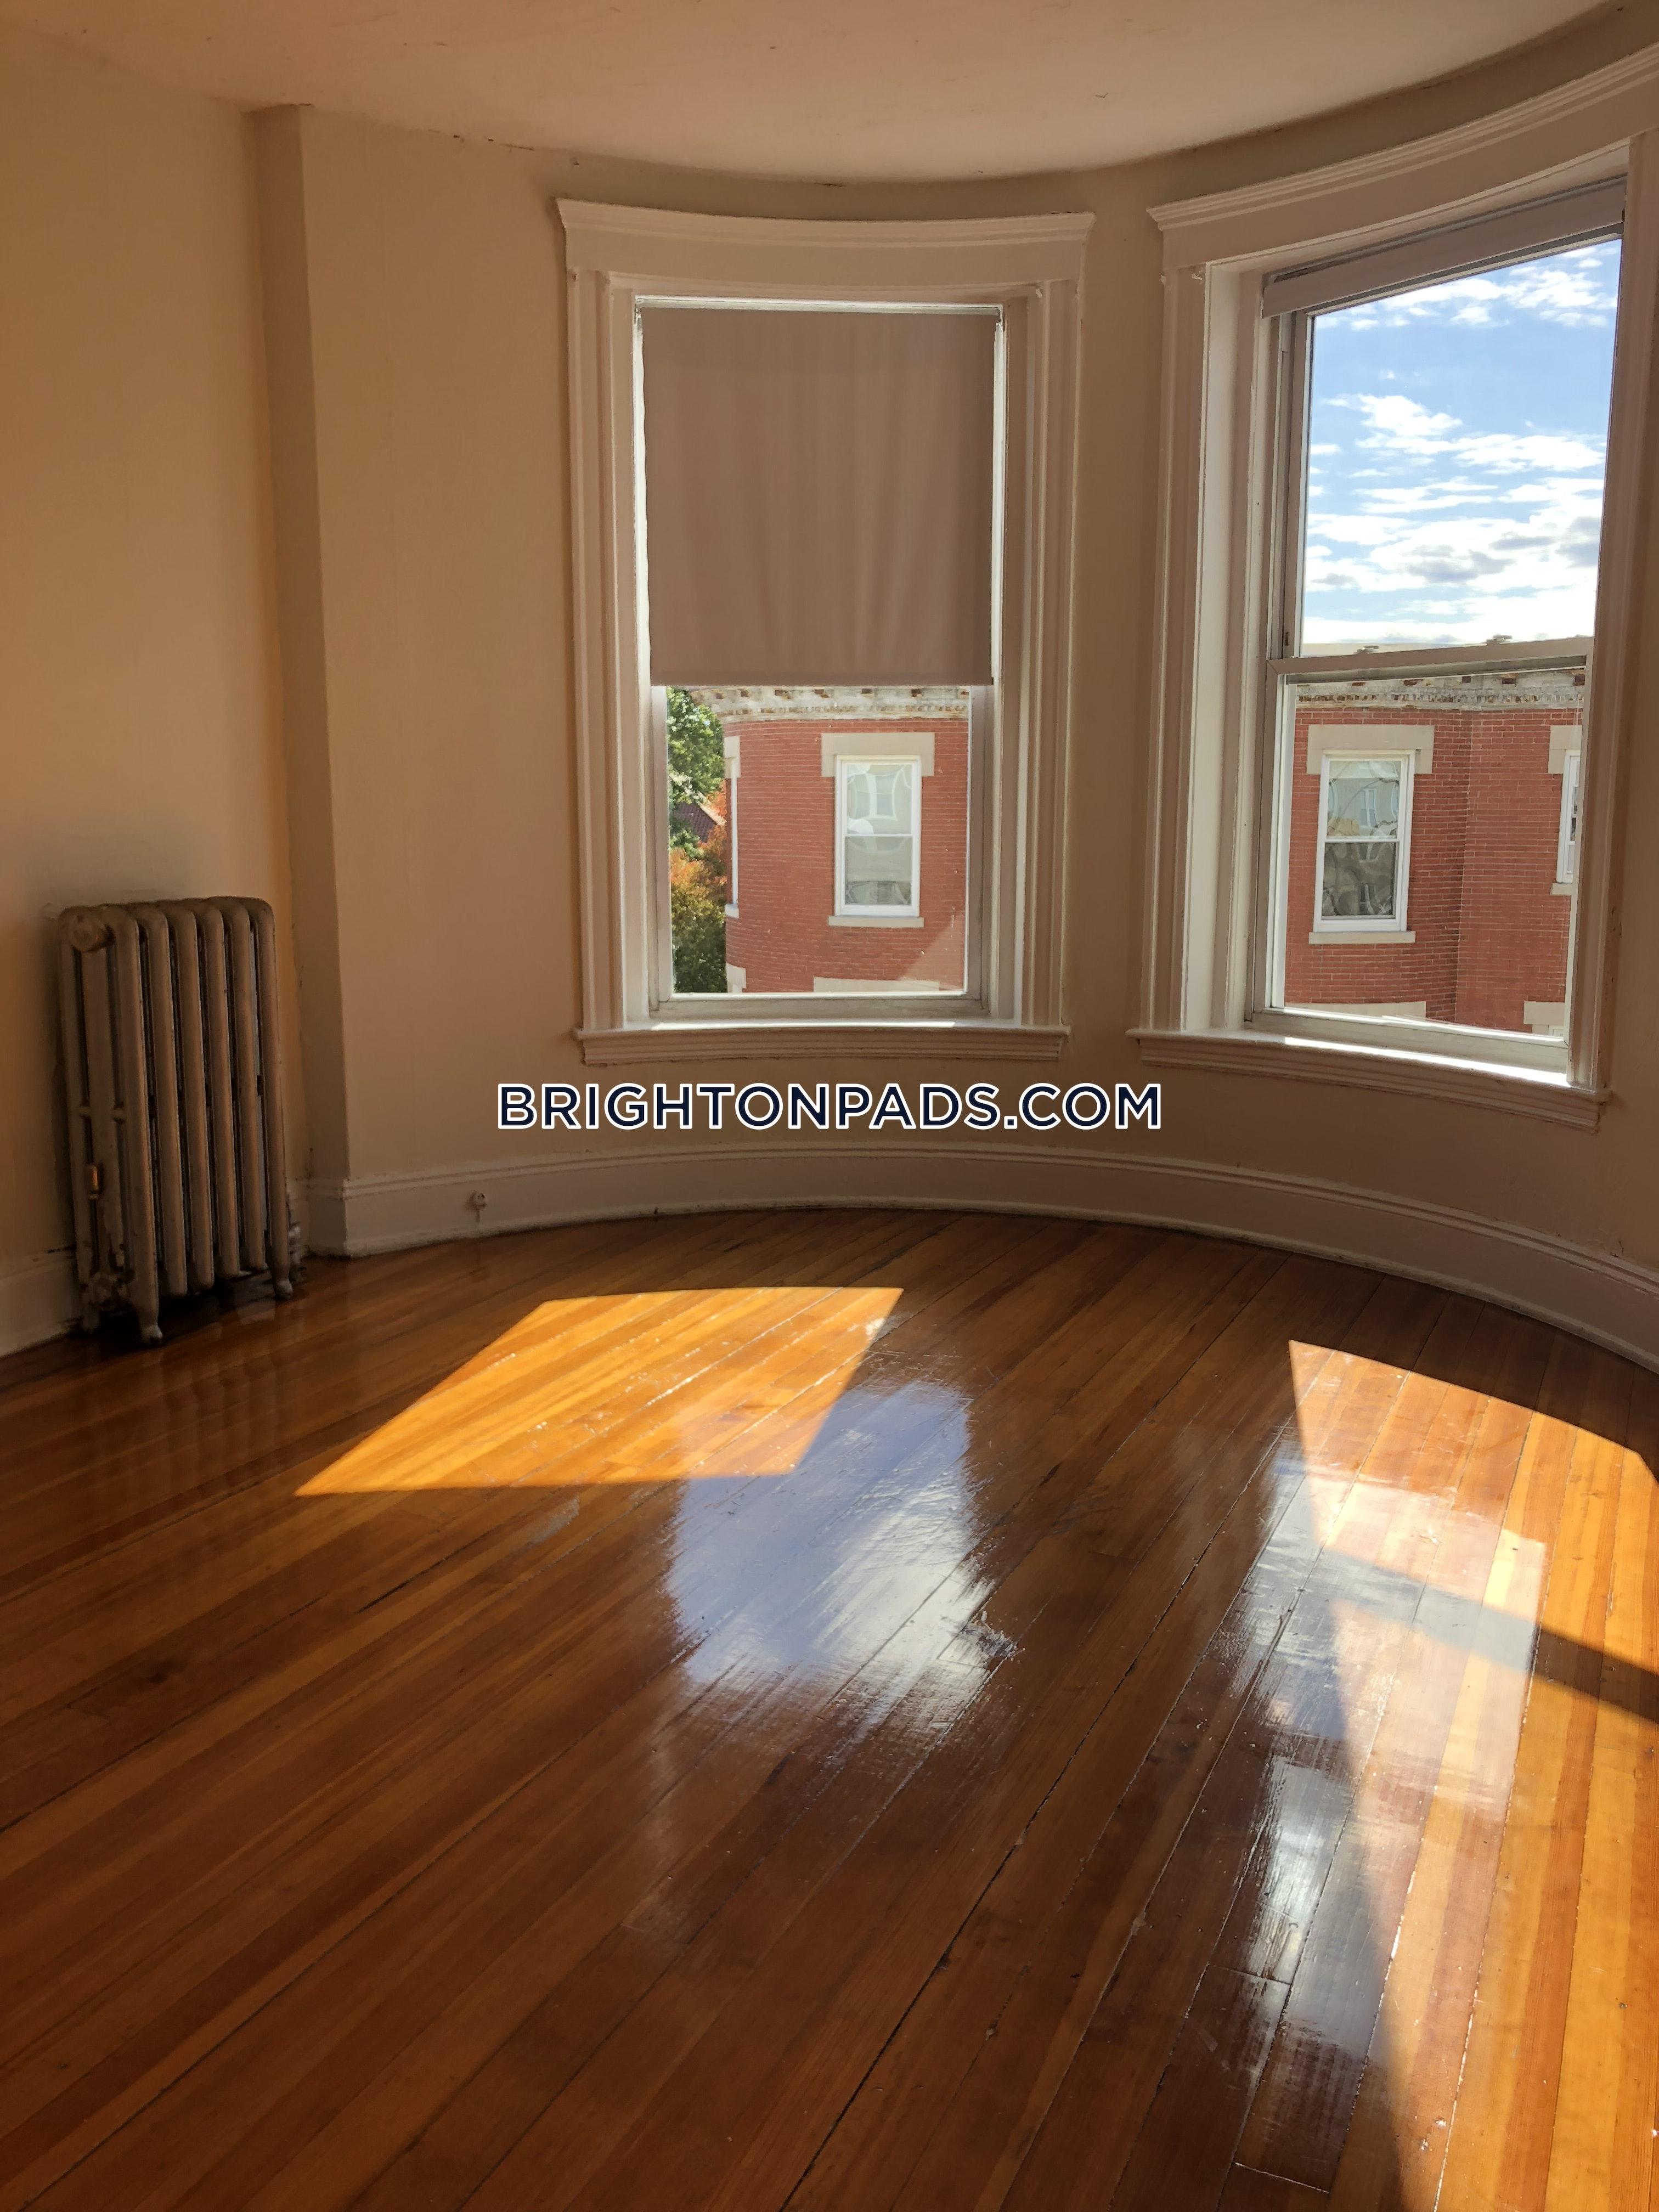 3-beds-1-bath-boston-brighton-washington-st-allston-st-2750-458711